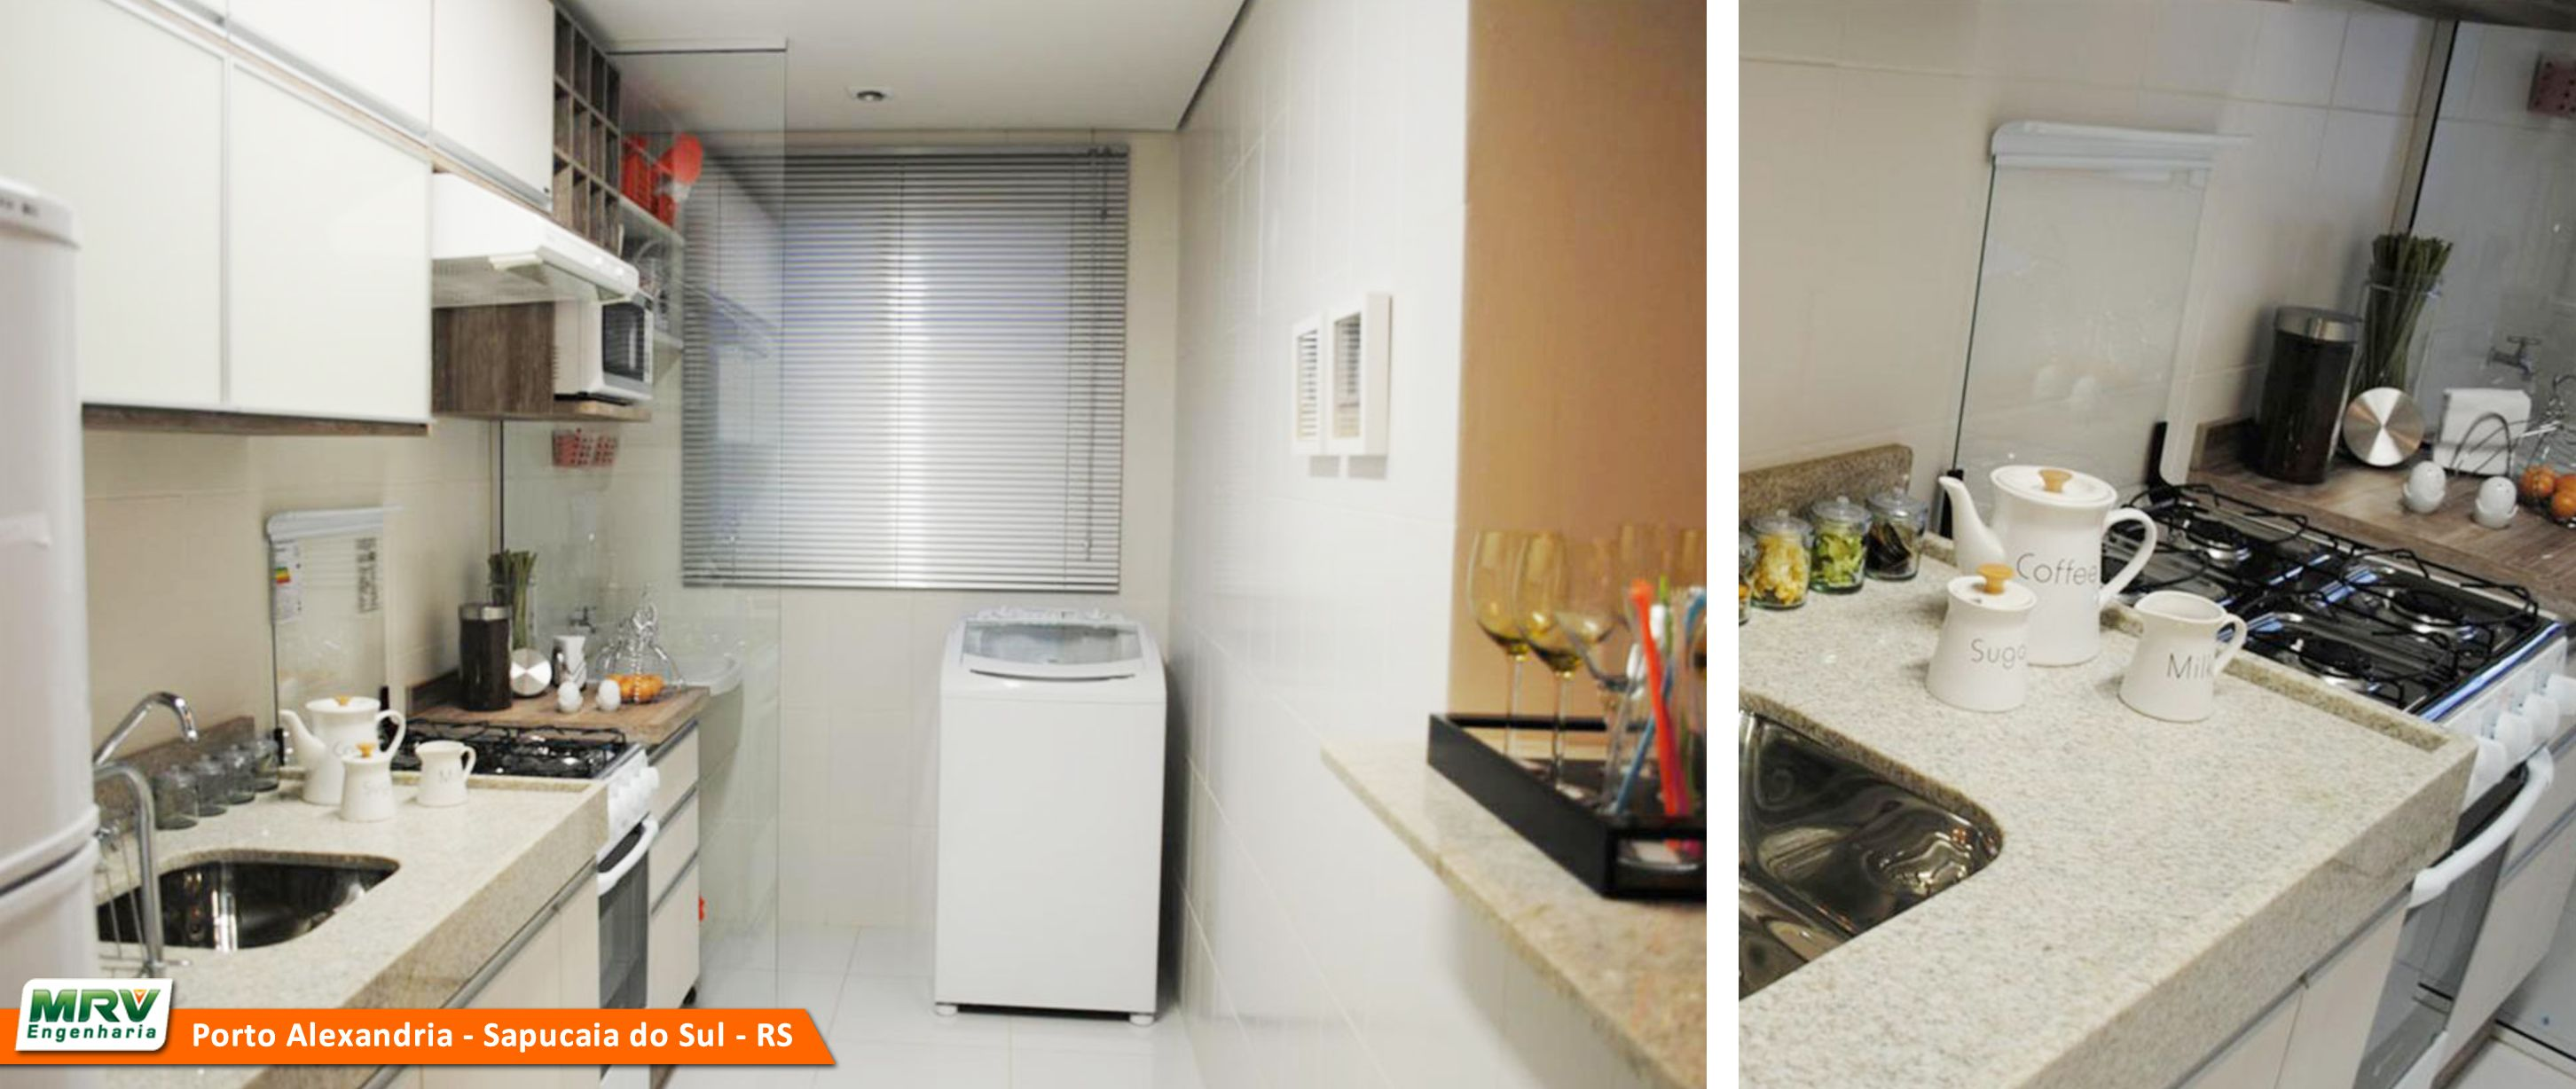 Apartamento Decorado 2 Dormit Rios No Parque Porto Alexandria